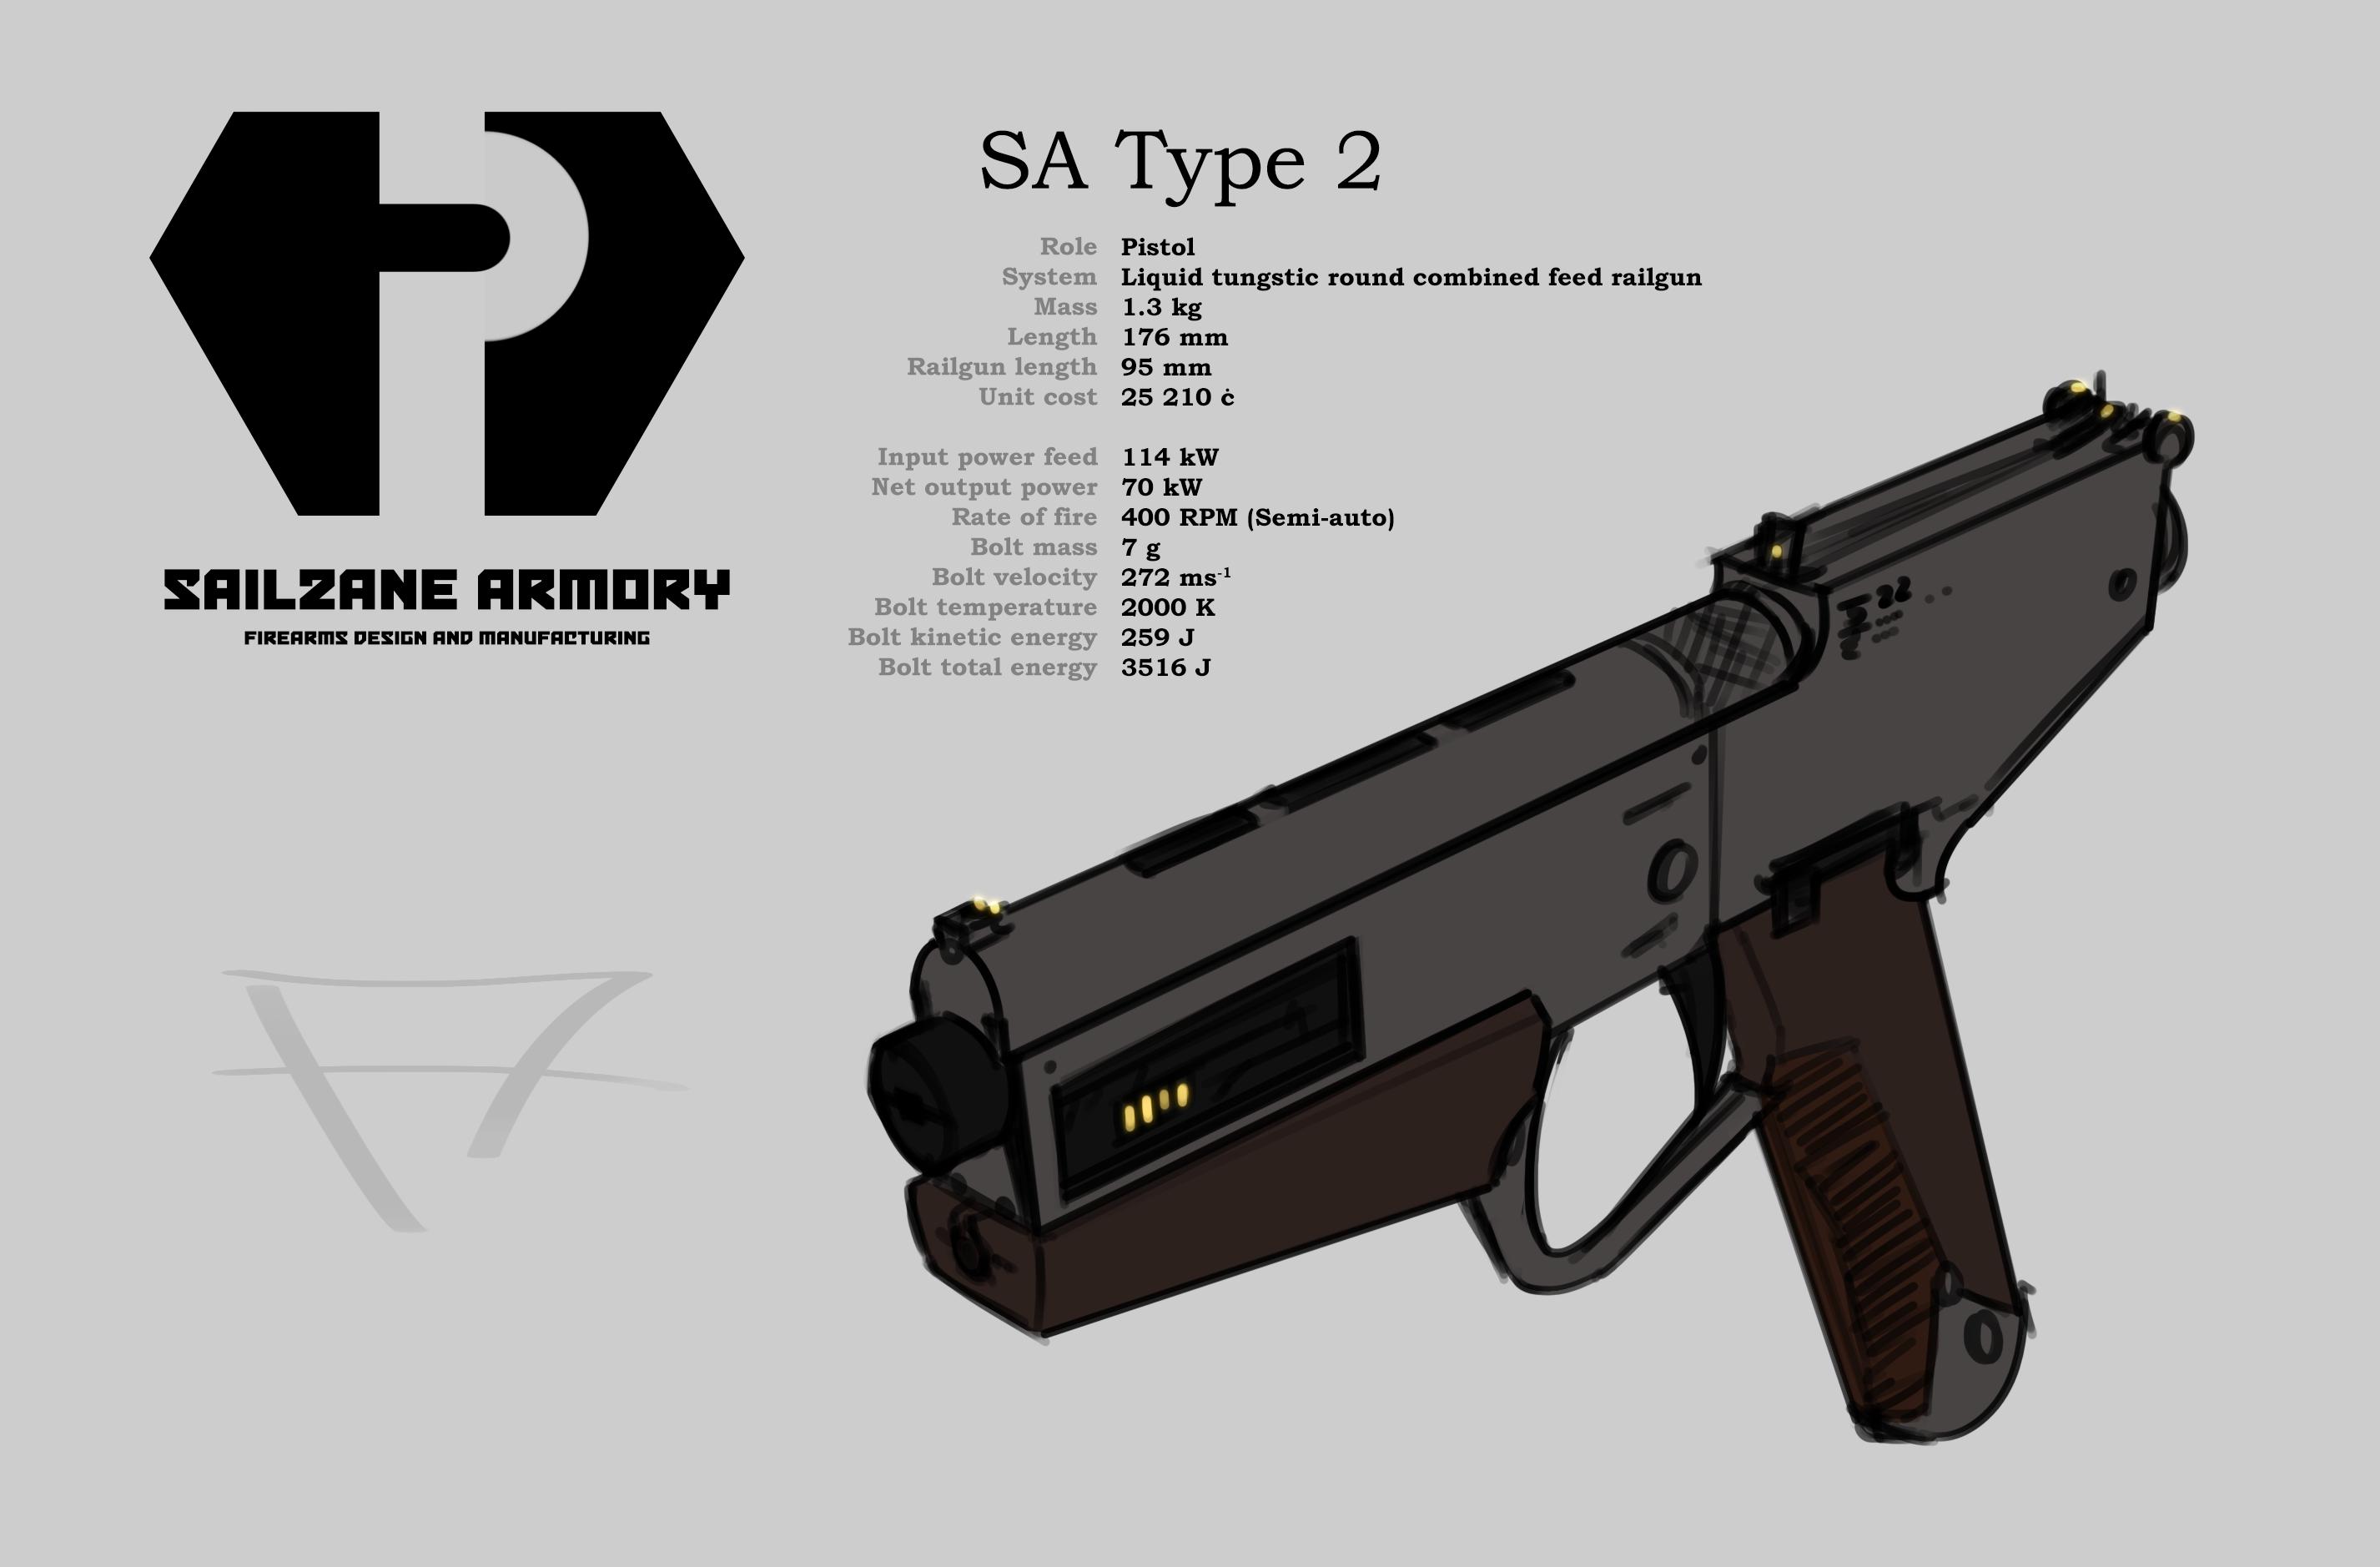 SA Type 2 pistol Weasyl